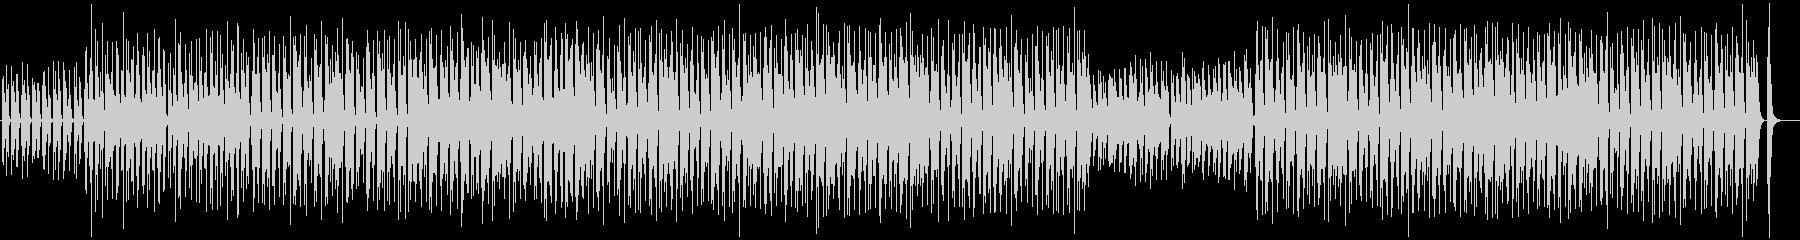 Loose, leisurely, everyday, ukulele's unreproduced waveform